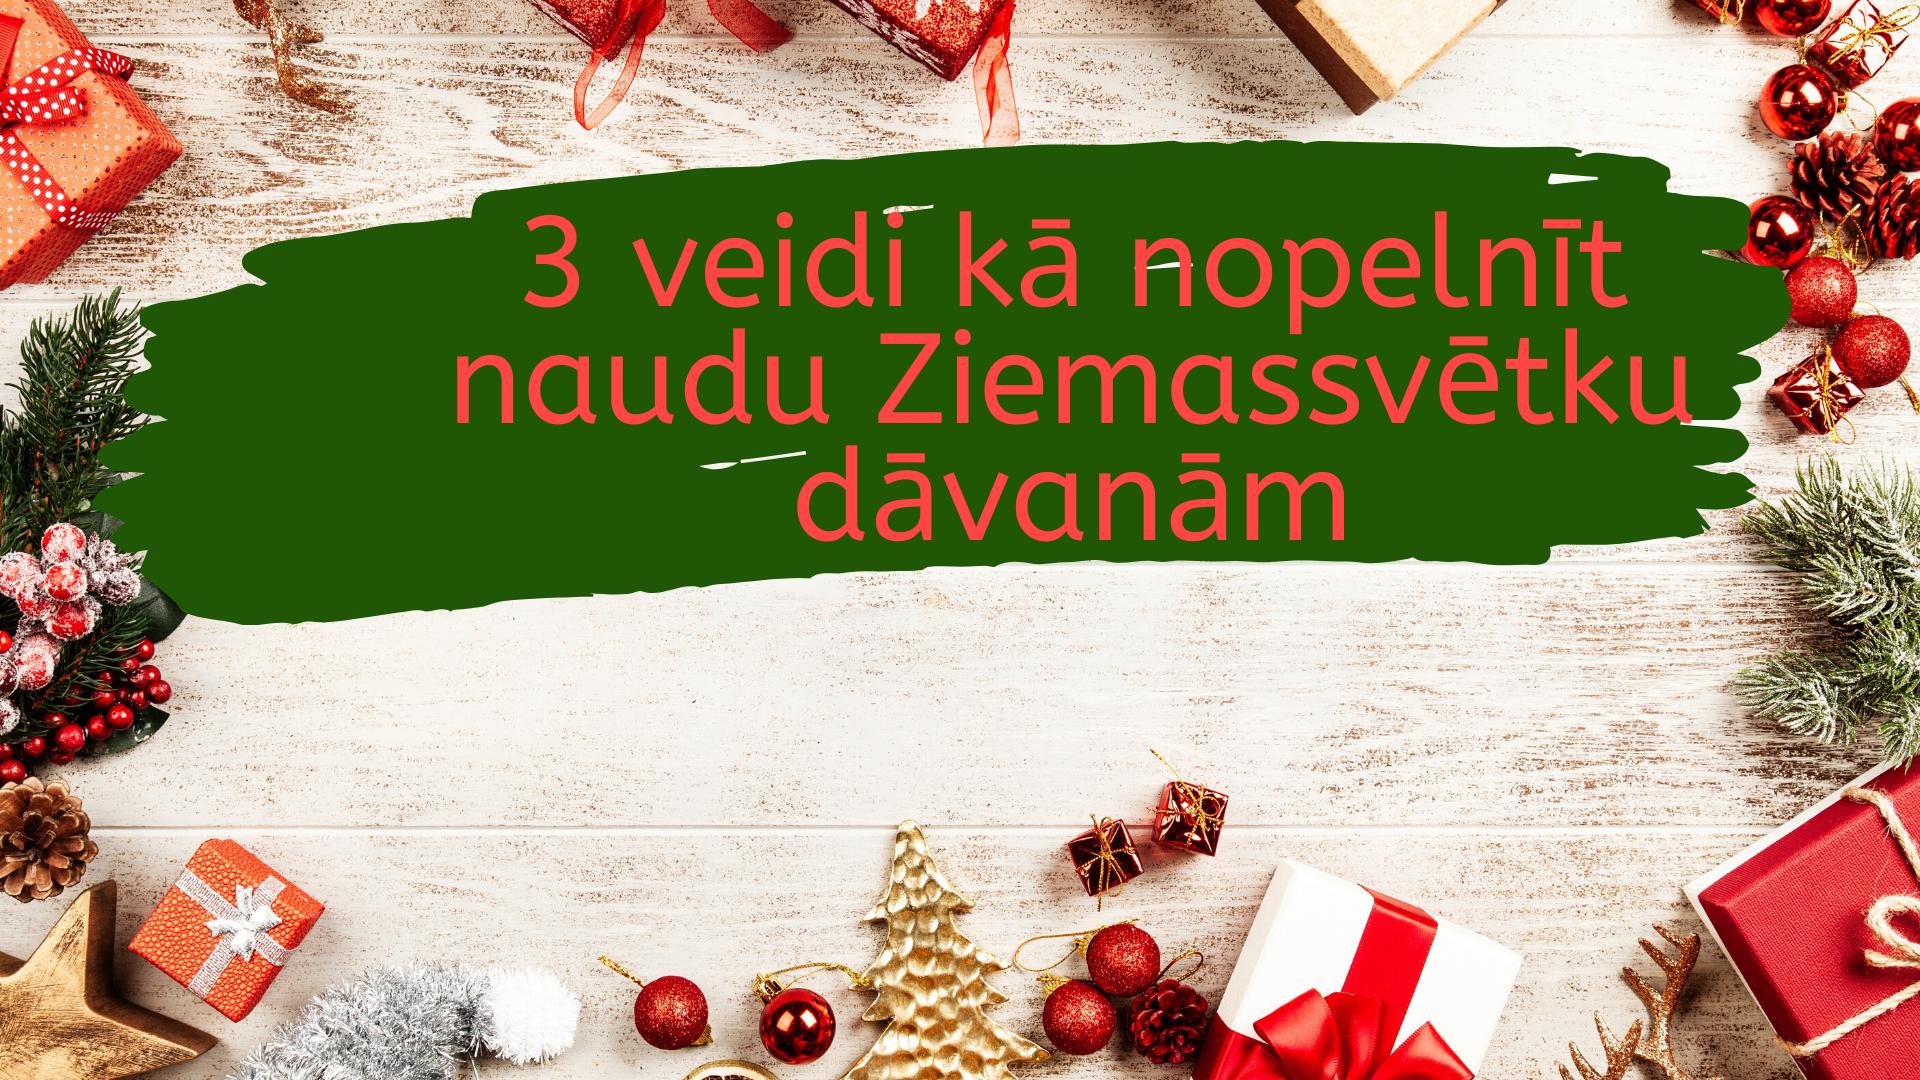 3 veidi kā nopelnīt naudu Ziemassvētku dāvanām